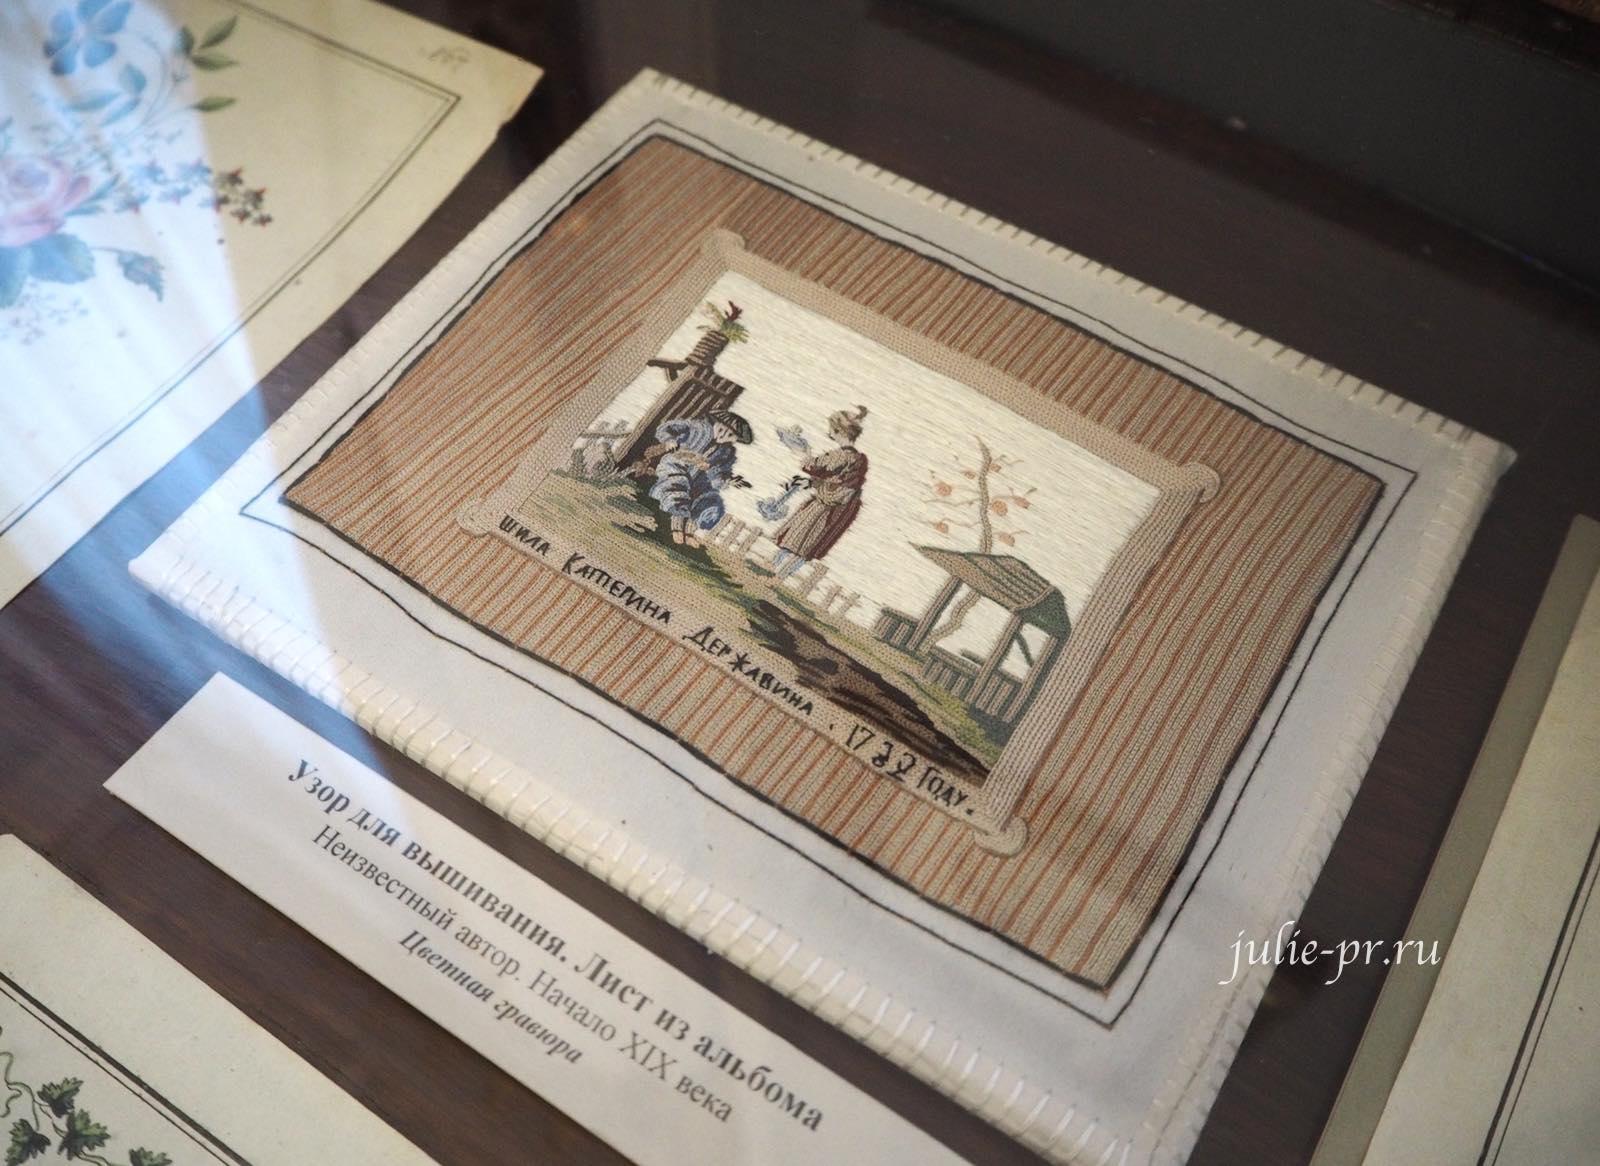 выставка Как роза ты нежна, вышивка гладью, музей усадьба Г. Р. Державина, Вышивка гладью 1732 года, Екатерина Державина